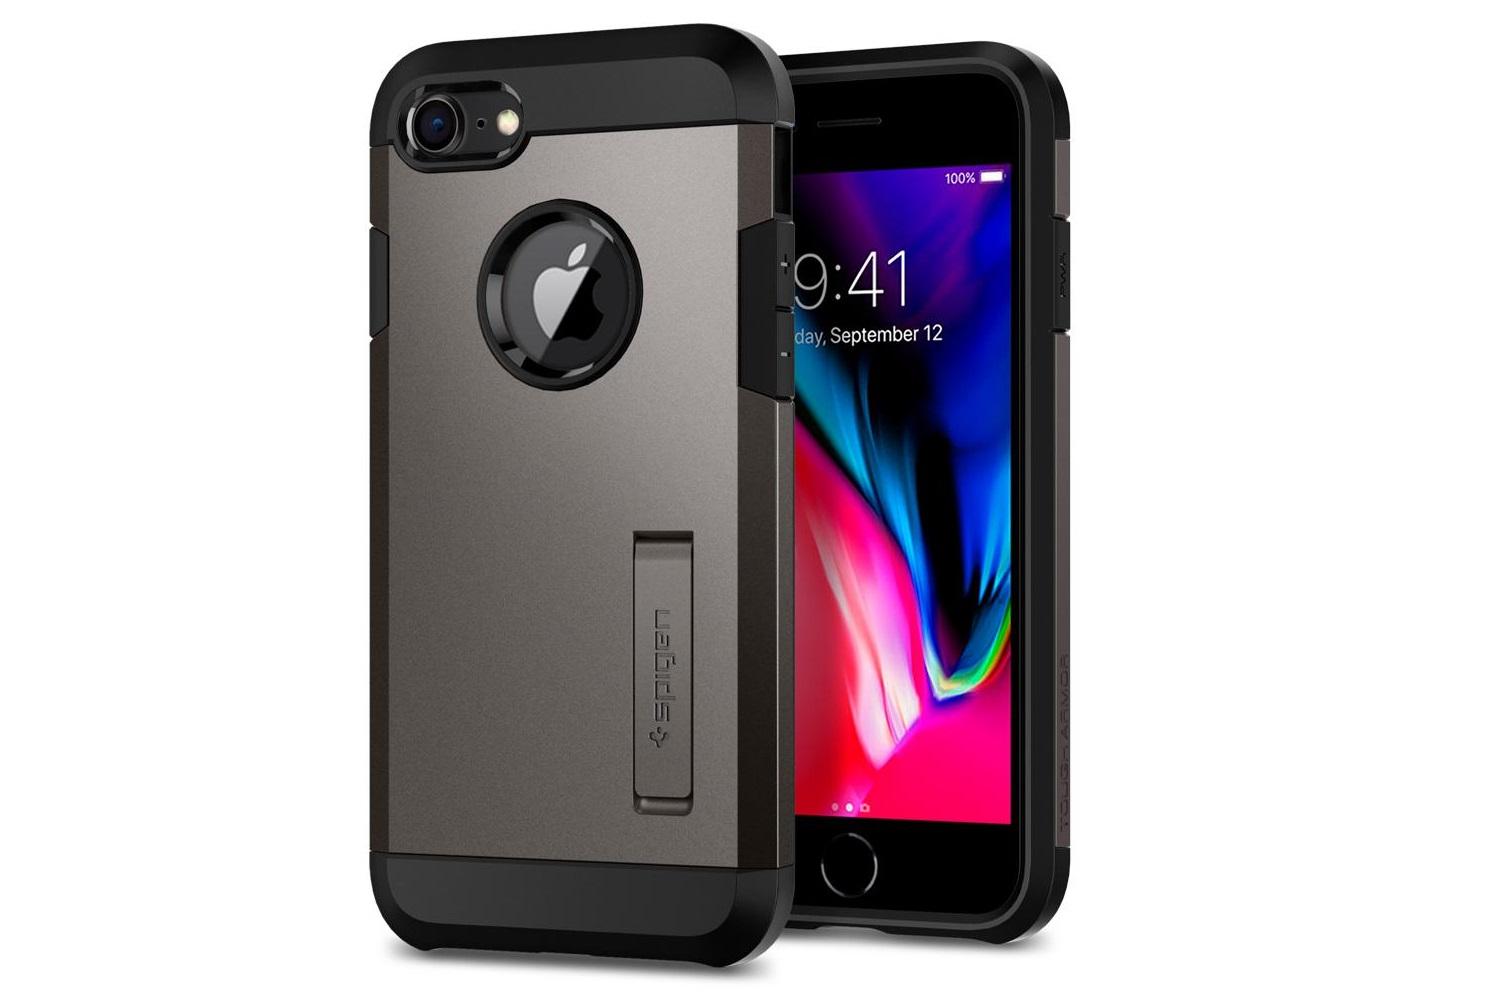 Spigen Tough Armor iPhone 7/8 Case